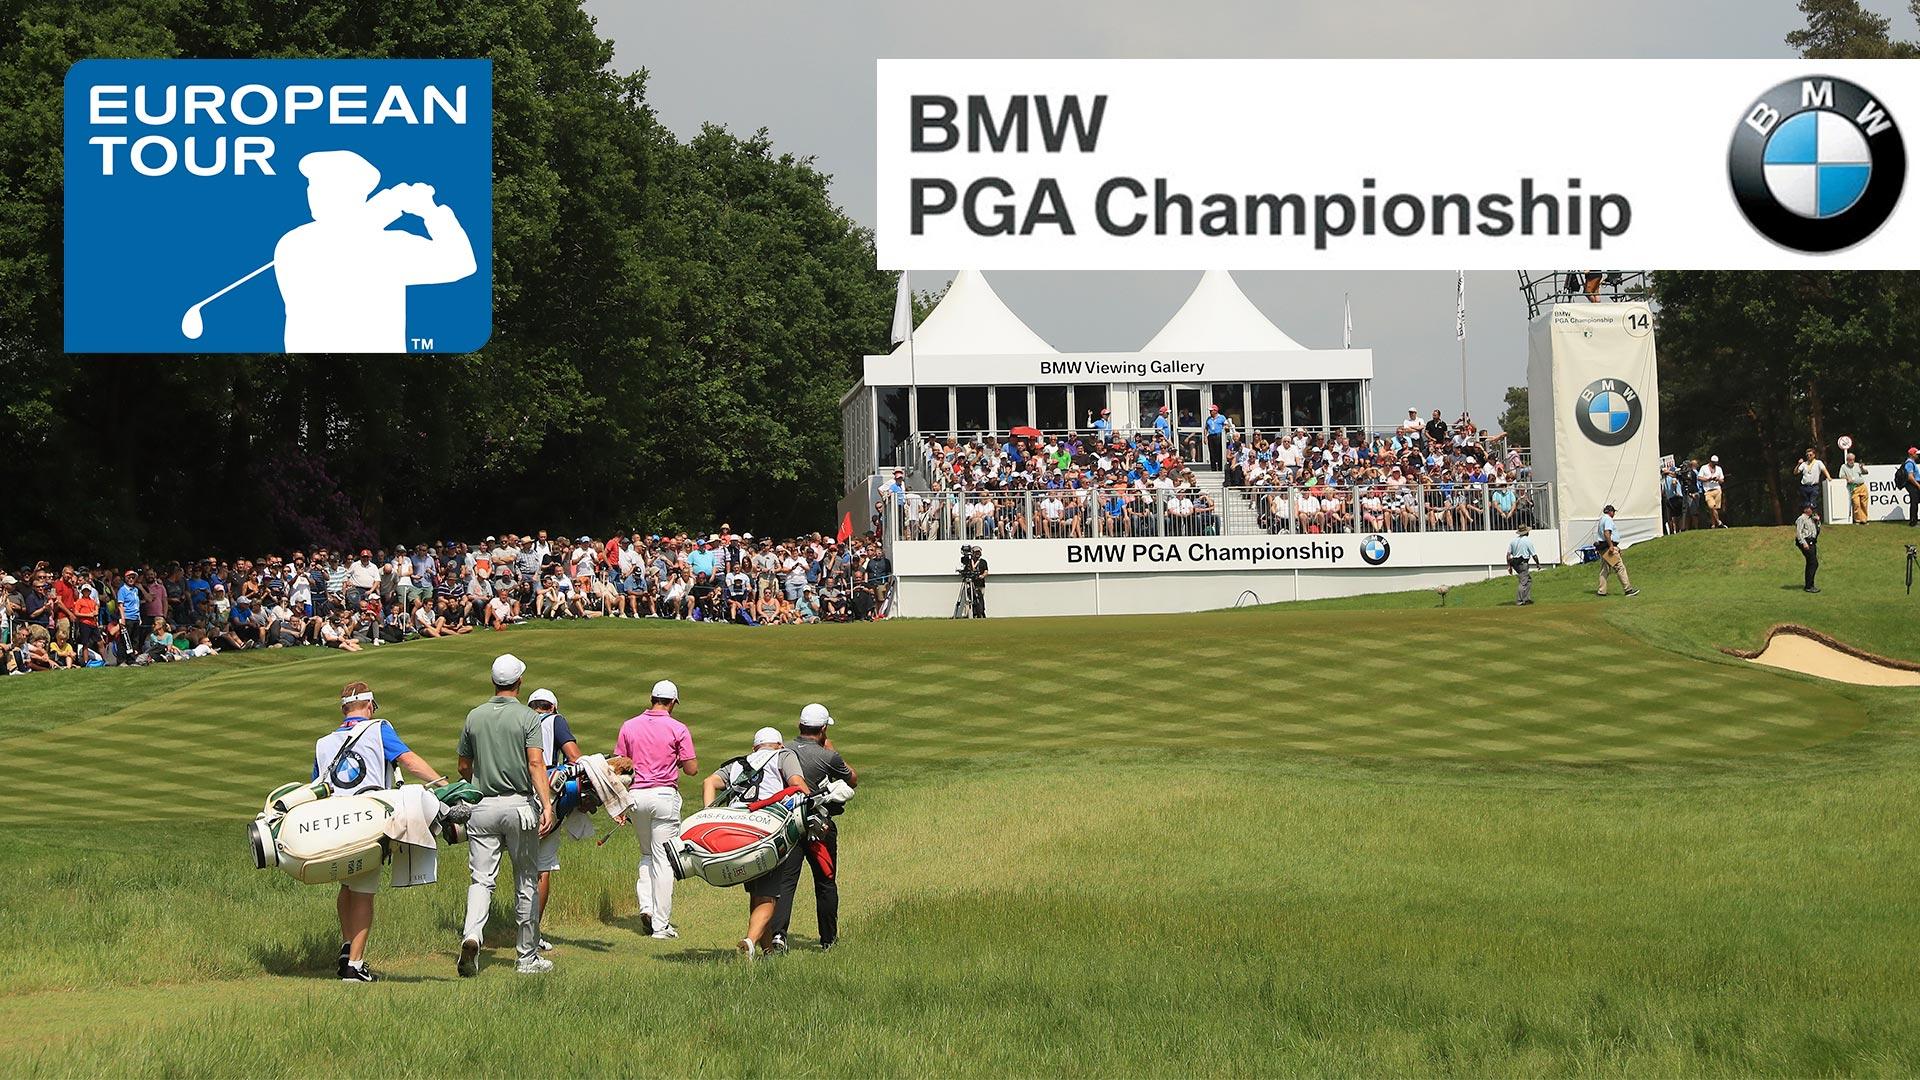 BMW PGA選手権 R・マキロイ、J・ローズ、F・モリナリらビッグネームが集結!日本からは谷原秀人、宮里優作らが参戦!